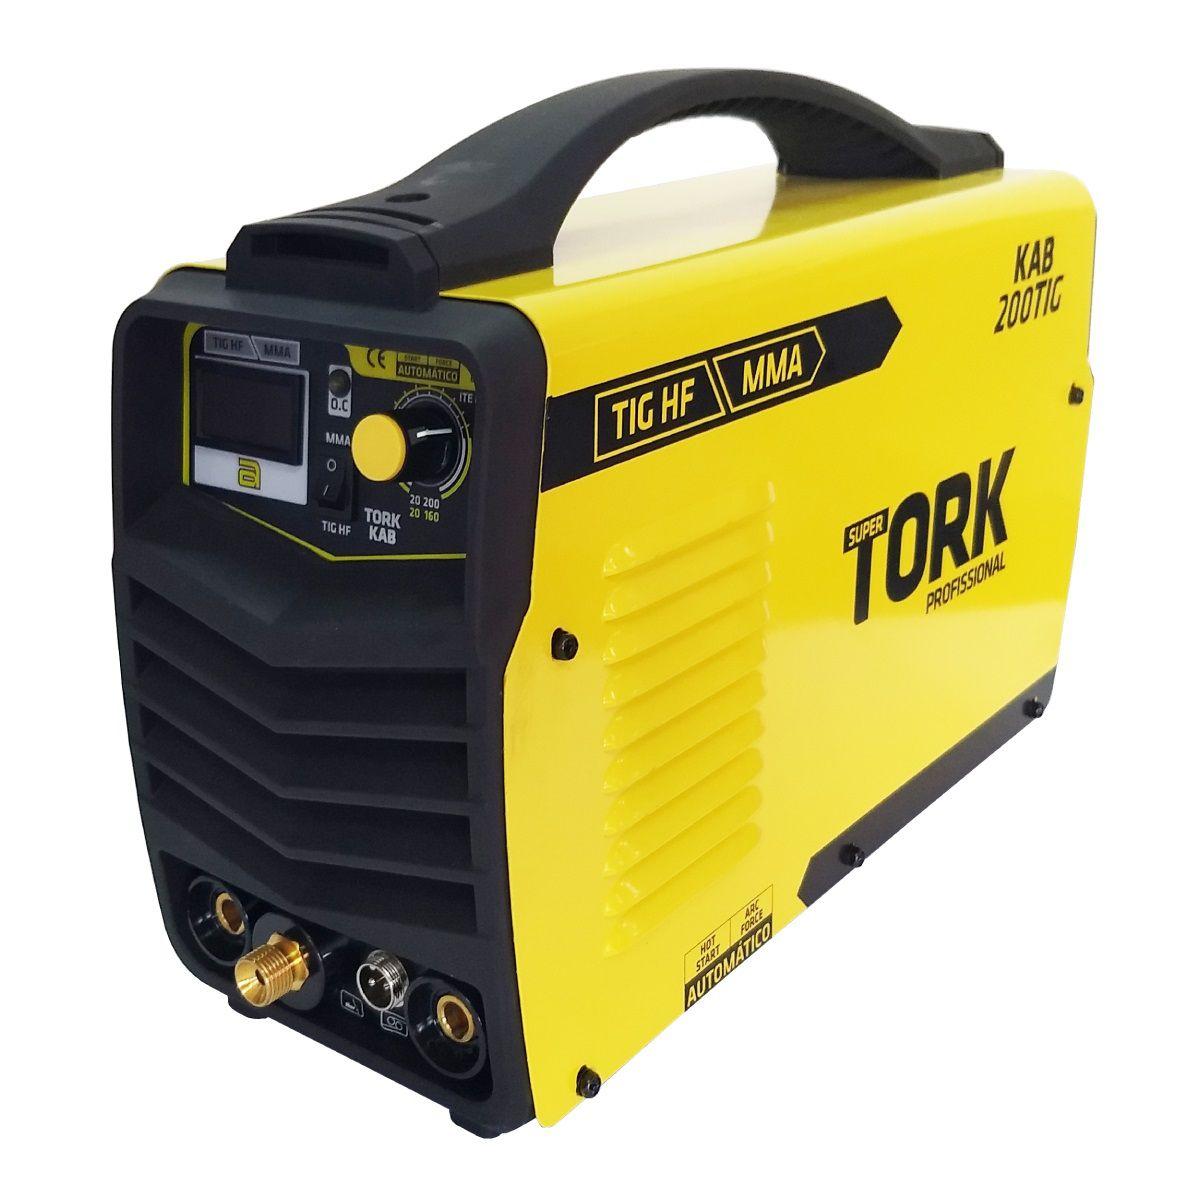 Inversor de Solda Tig Bivolt 200A Solda Aluminio Inox Tork